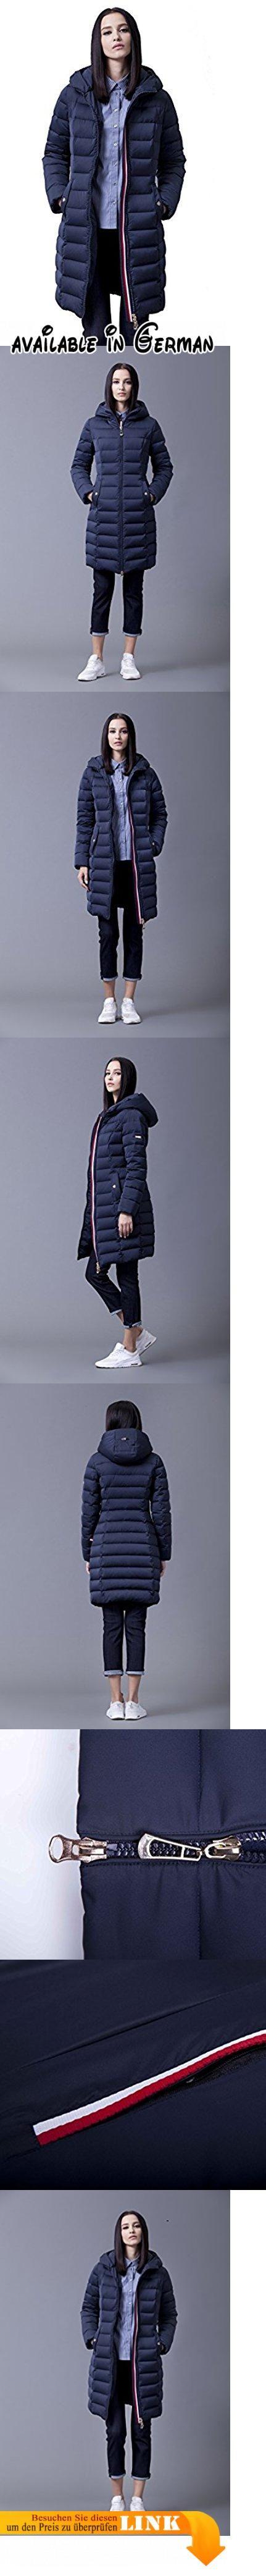 Sunrolan Damen Mantel Daunenmantel Steppmantel Wintermantel Daunenjacke mit Kapuze Slim Fit Steppjacke Dunkelblau L. Material Füllung: 70% Daunen, 30% Federn. Detail Kapuze: unabnehmbare Kapuze,gefütterte Kapuze. Taschen: zwei Außentaschen. Knielang und Tailliert. Hinweis: um die passende Größe auszuwählen, überprüfen Sie bitte Größentabelle in der Produktebeschreibung! #Apparel #OUTERWEAR